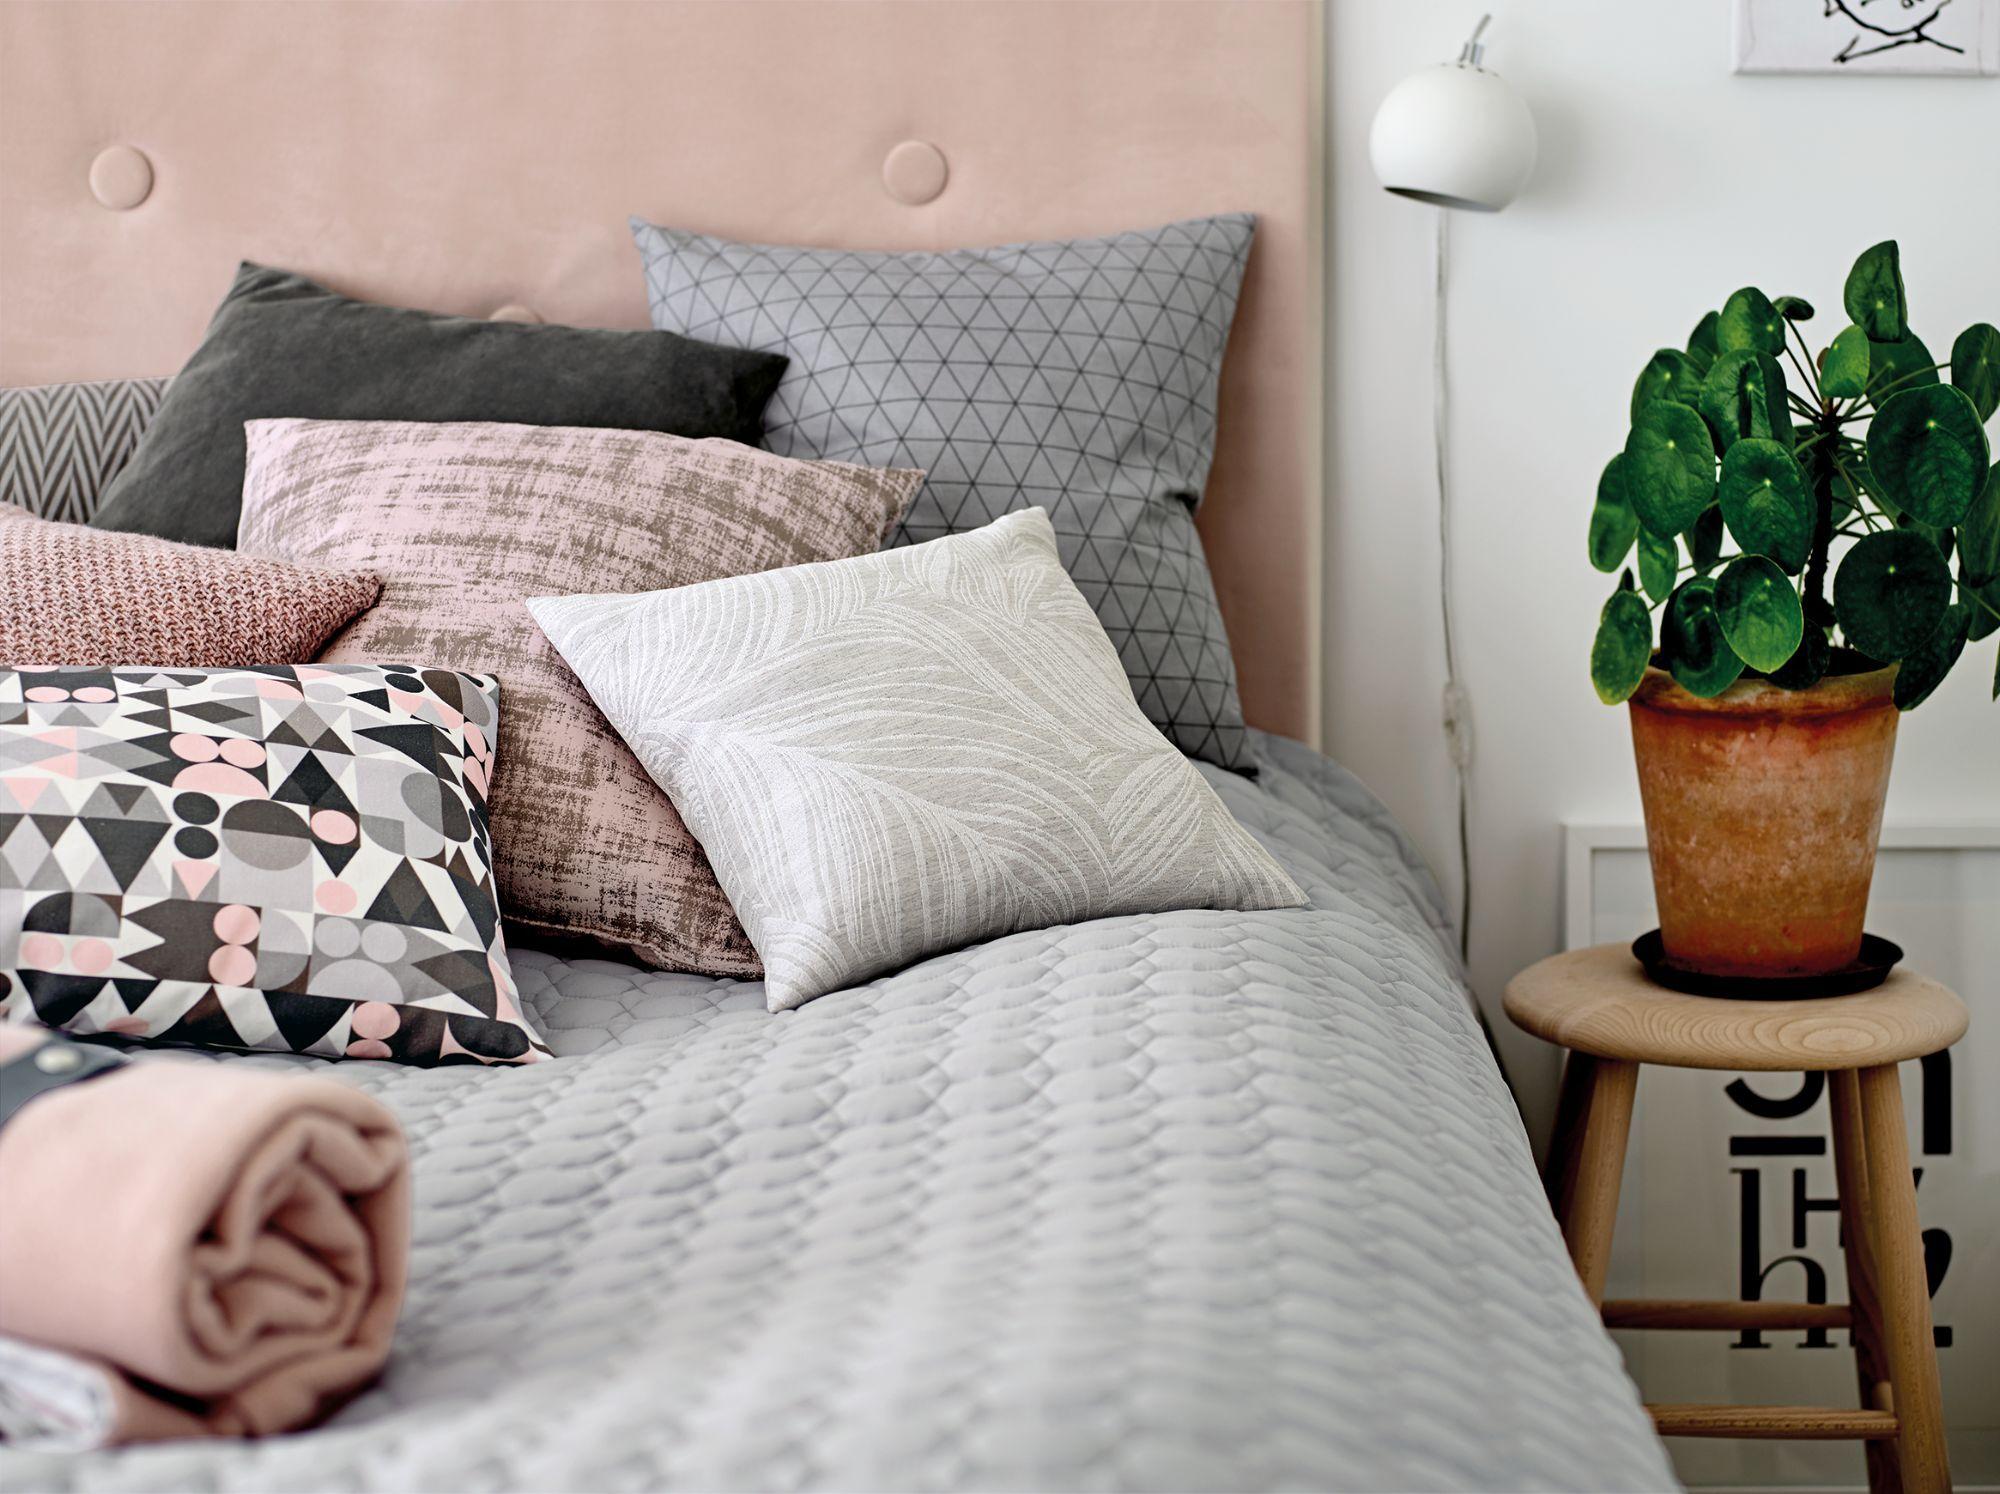 Bezaubernd Wohnzimmer Grau Rosa Beste Wahl Gewebe, Weiß Mit Grau/rosa Muster